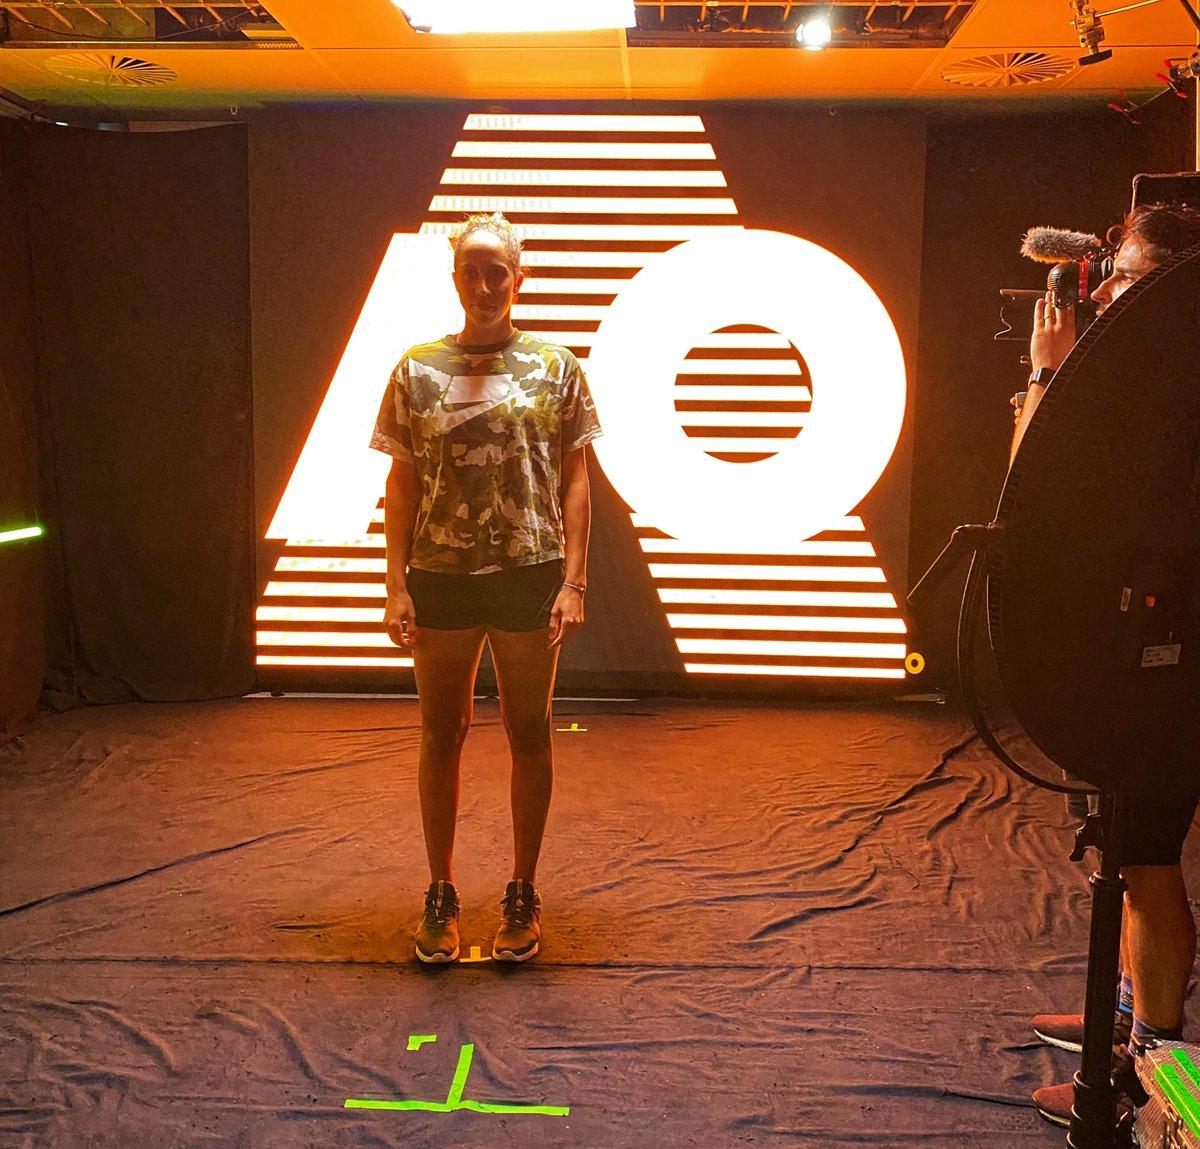 Madison Keys @Madison_Keys